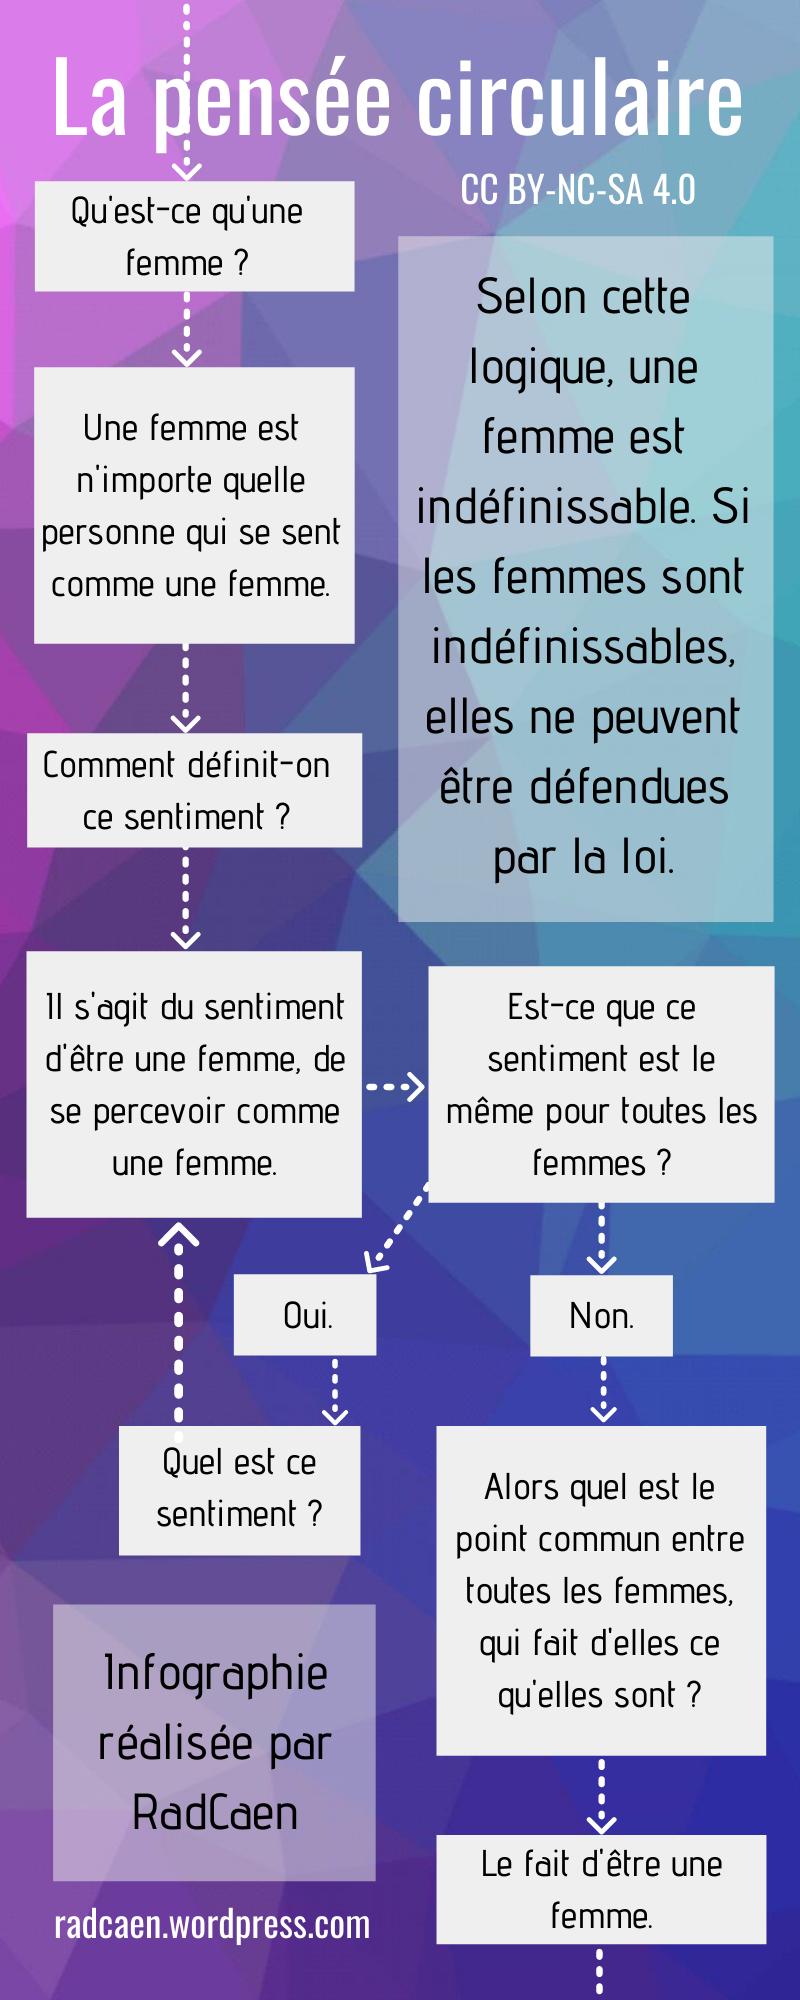 Infographie - Définition de femme (pensée circulaire)